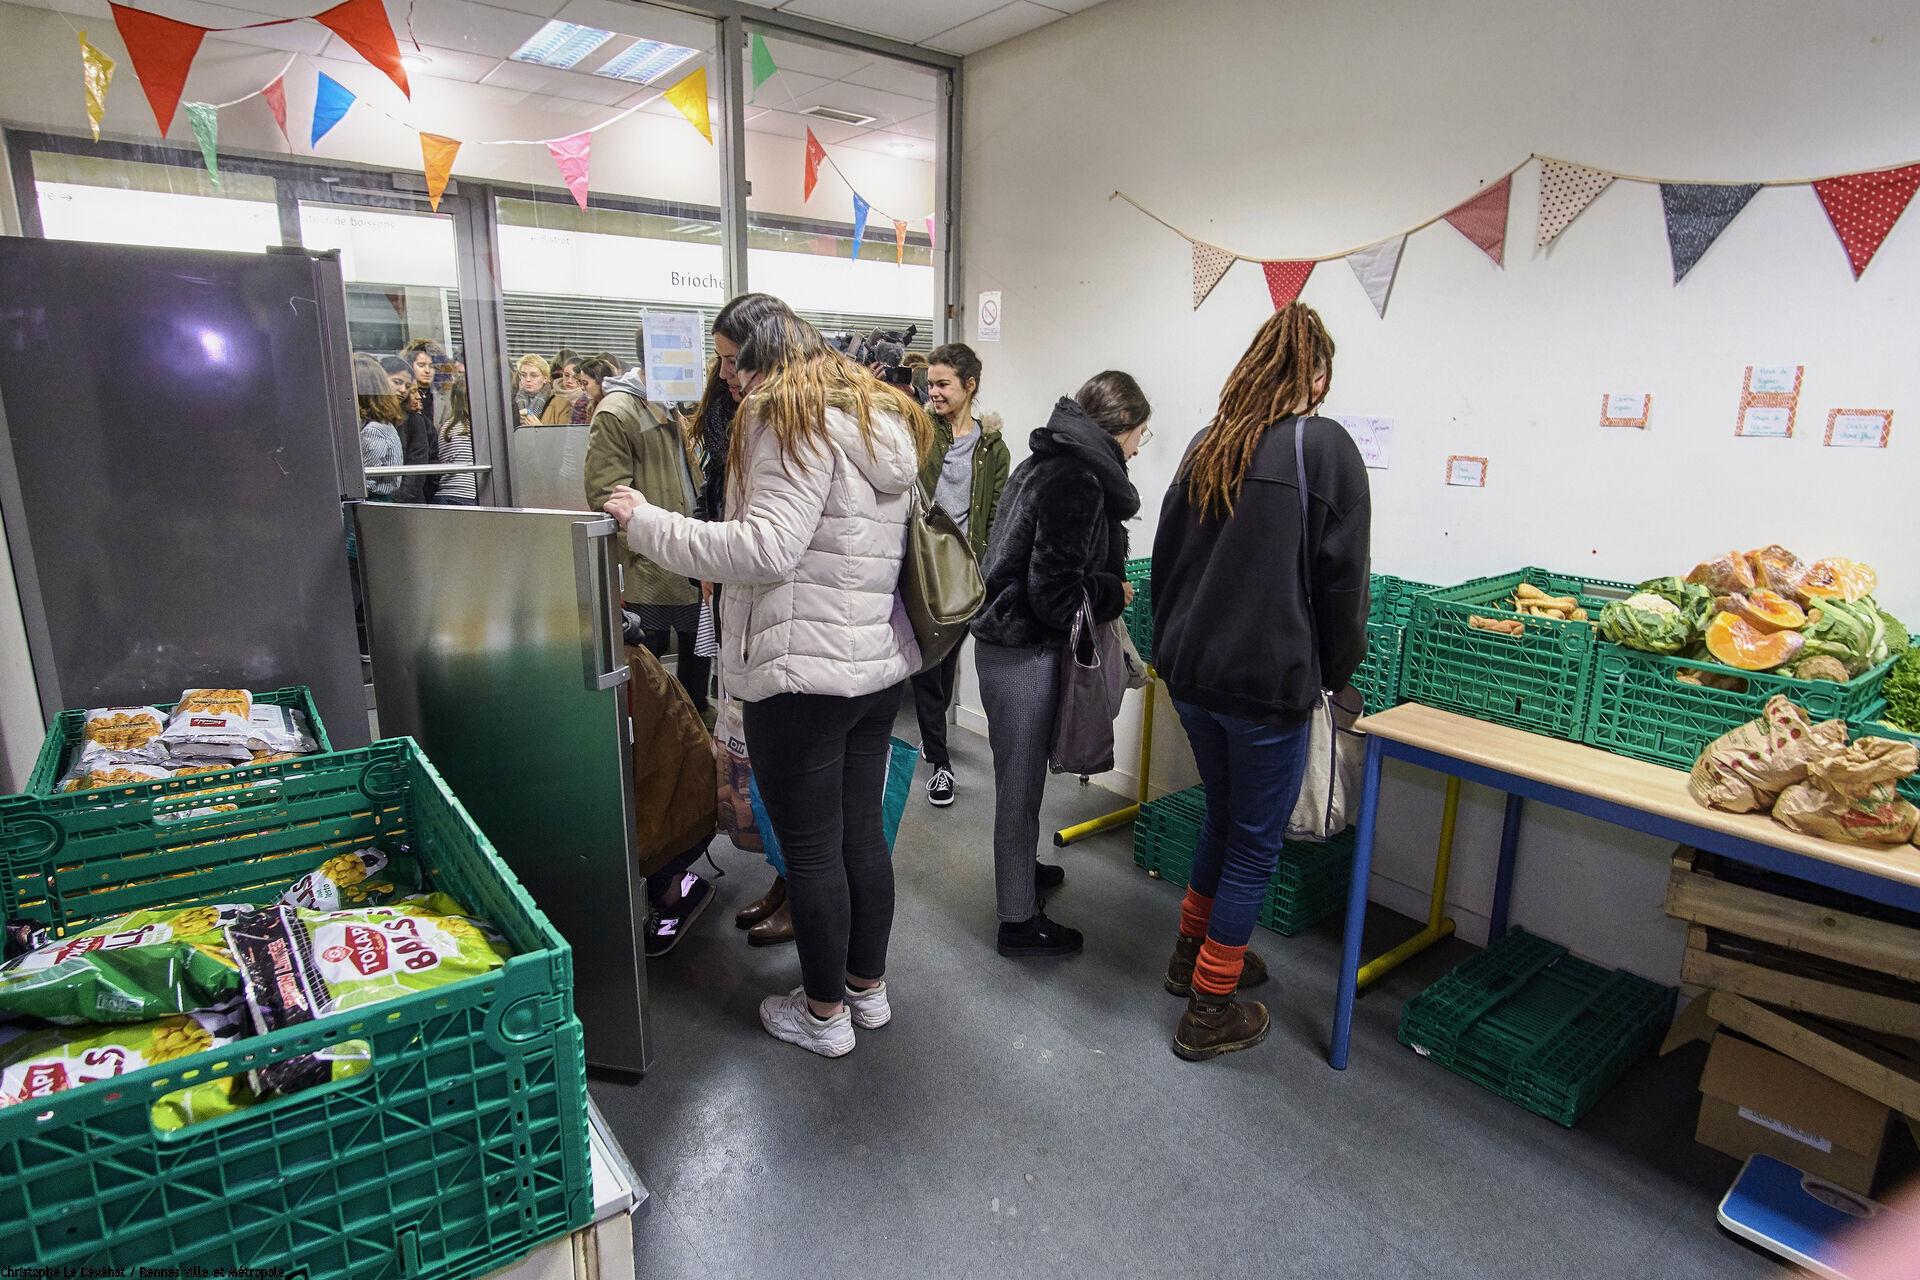 Etudiants bénéficiaires en train de choisir les denrées dans un local